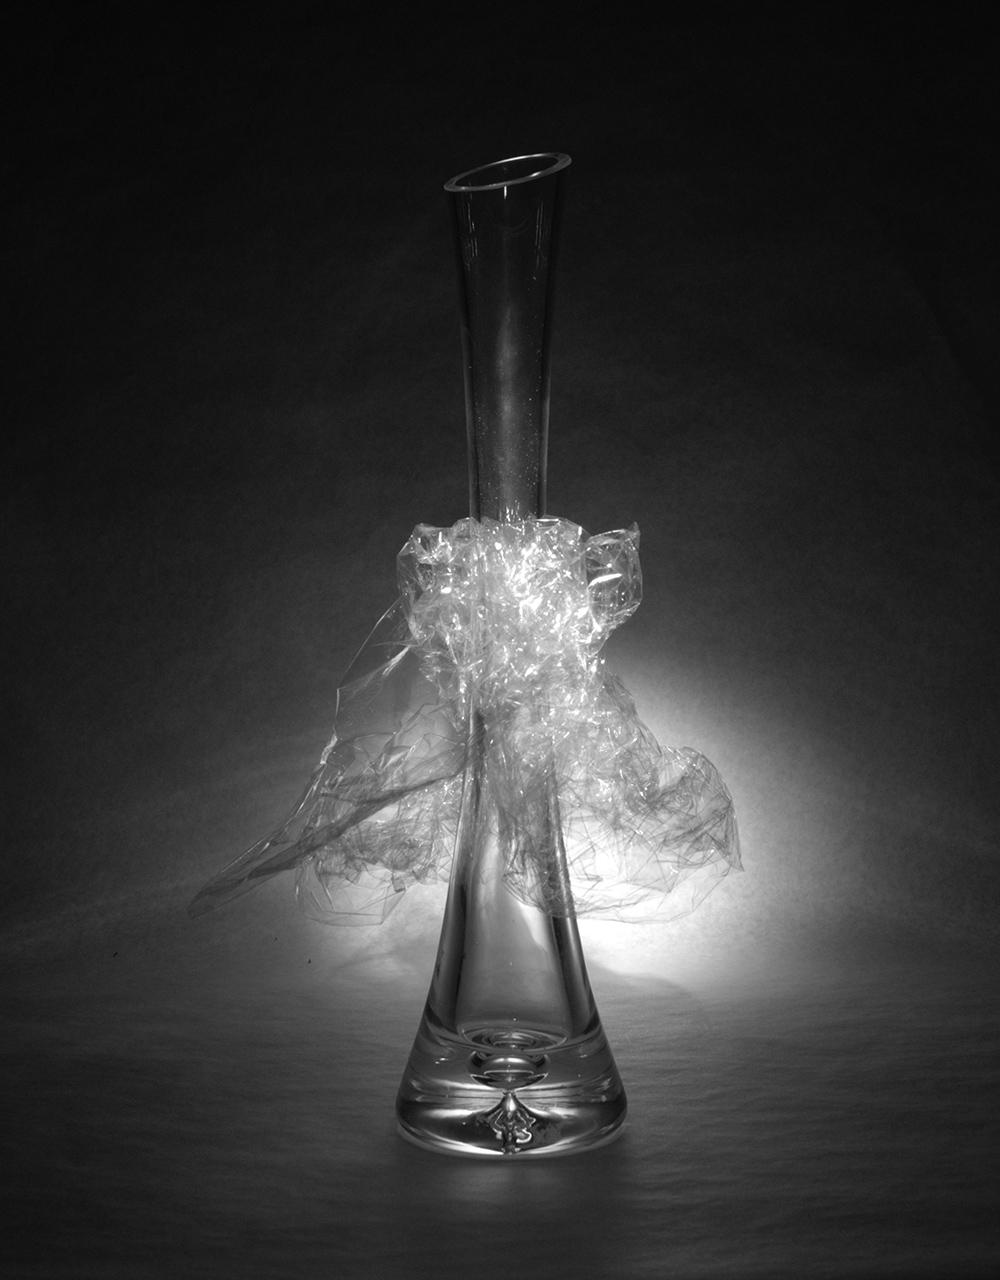 Váza és fólia kísérlet